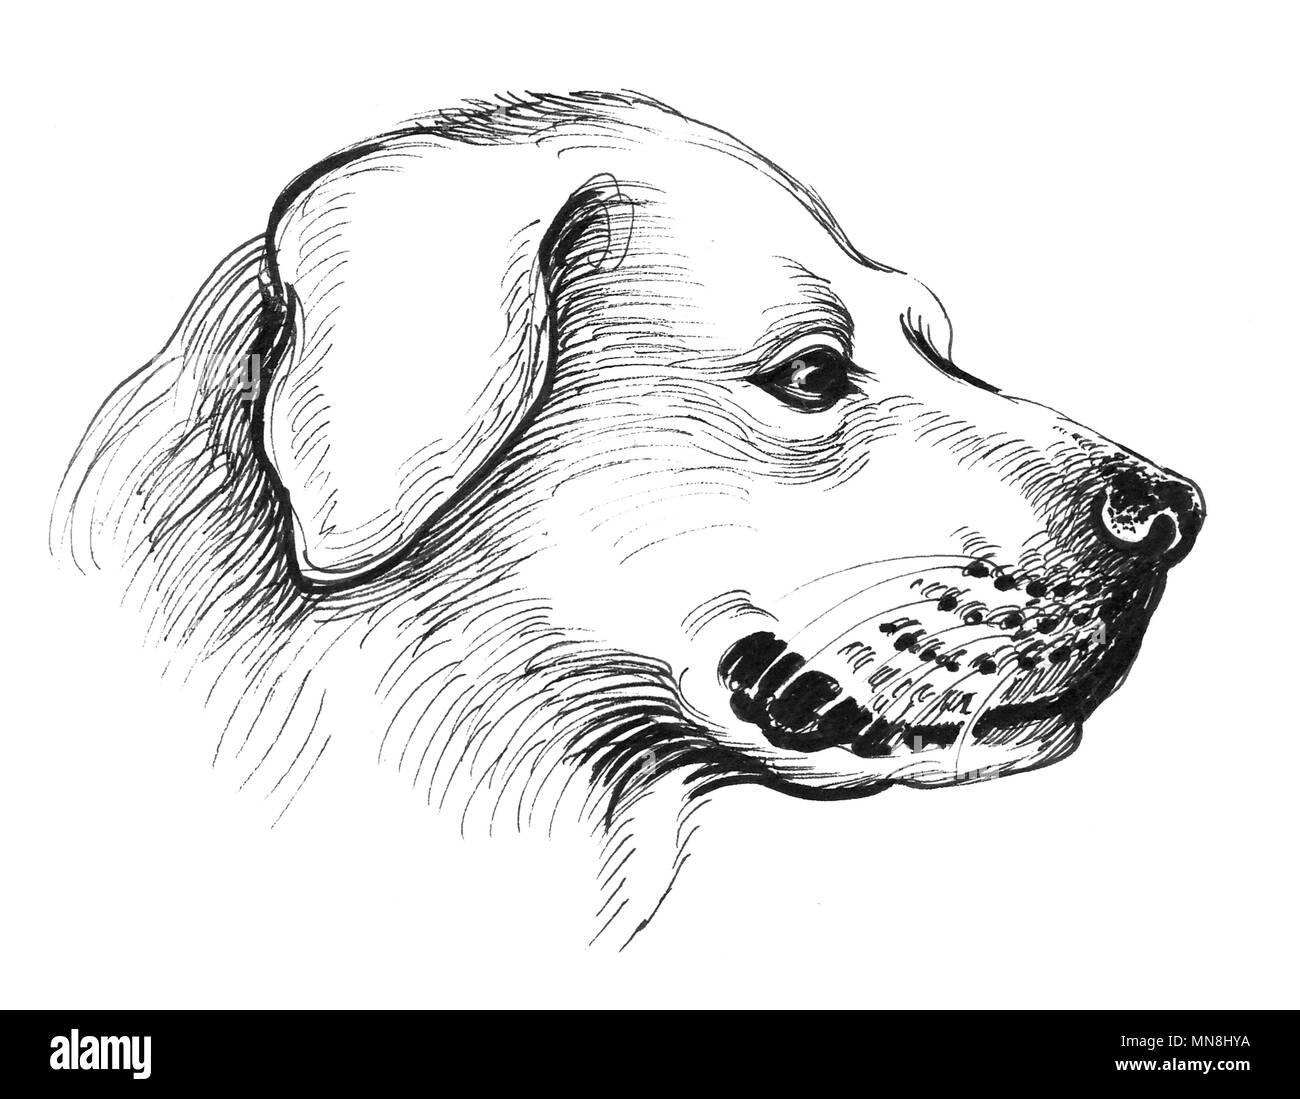 Cabeza De Perro Dibujo En Blanco Y Negro De Tinta Foto